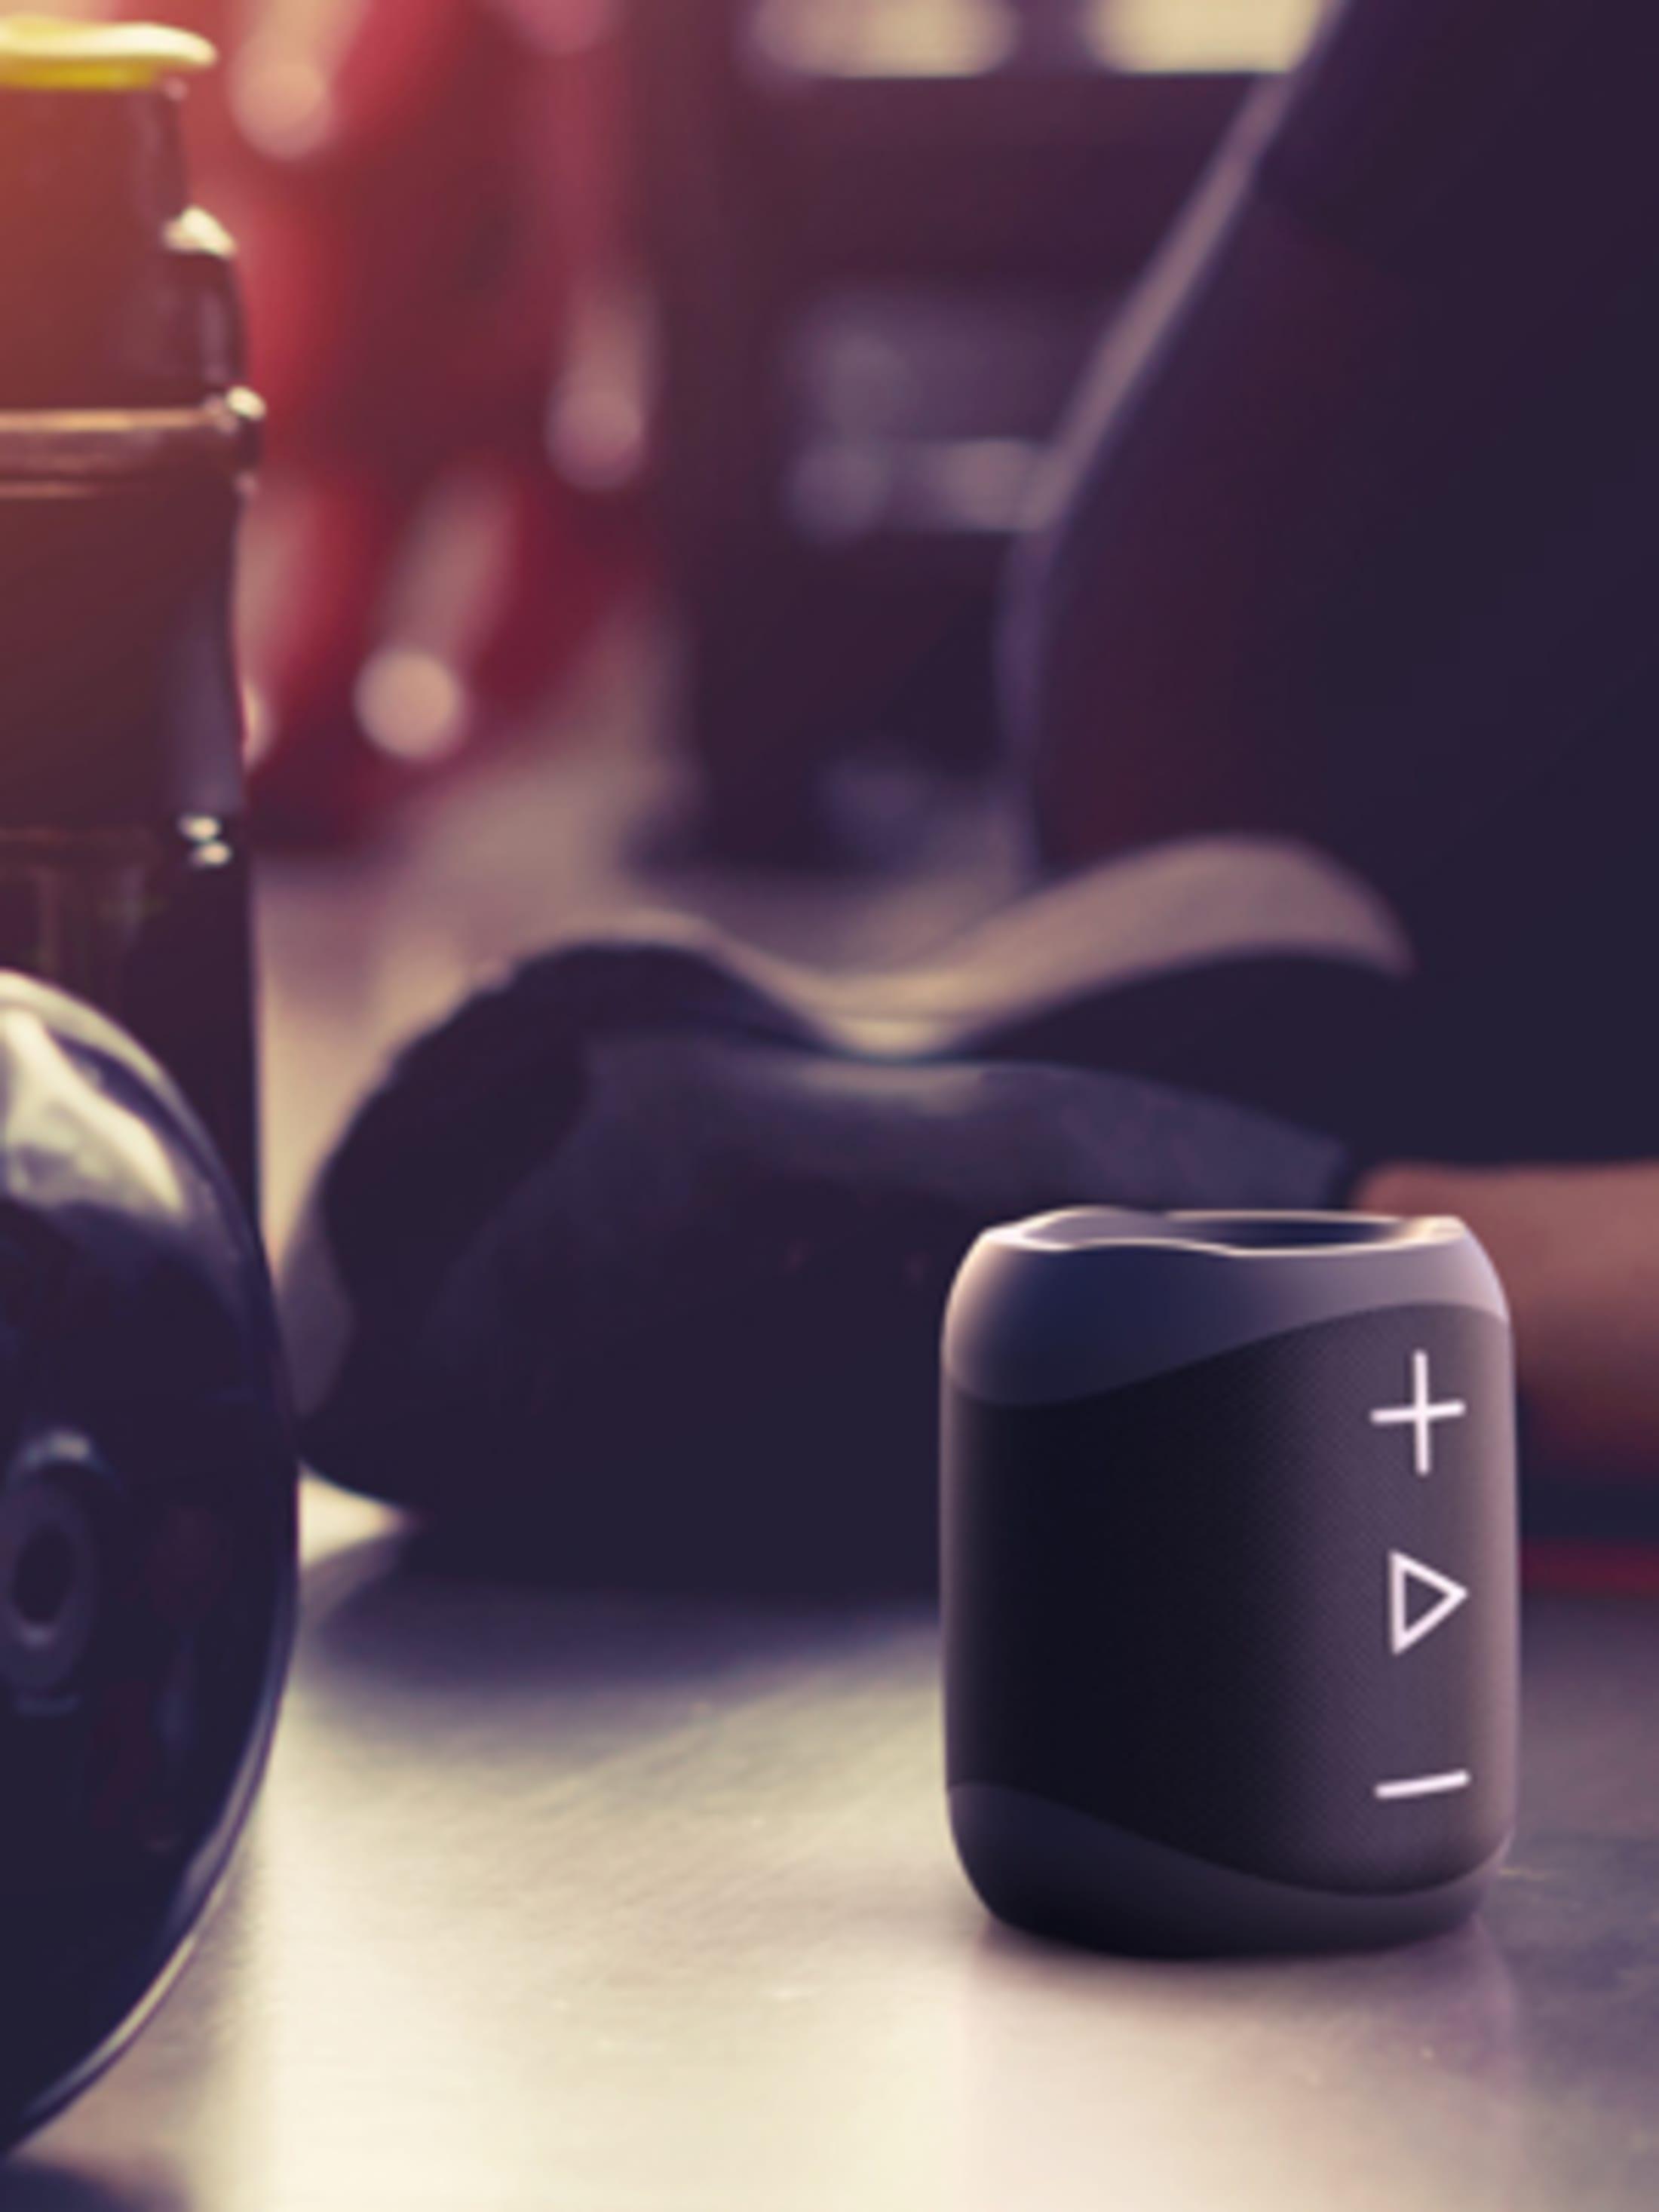 Przenośny bezprzewodowy głośnik stereo Bluetooth, 14 W, z bardzo dynamicznym zakresem dźwięku, 90 dB SPL, 10 godzin odtwarzania i klasa odporności IP 56.